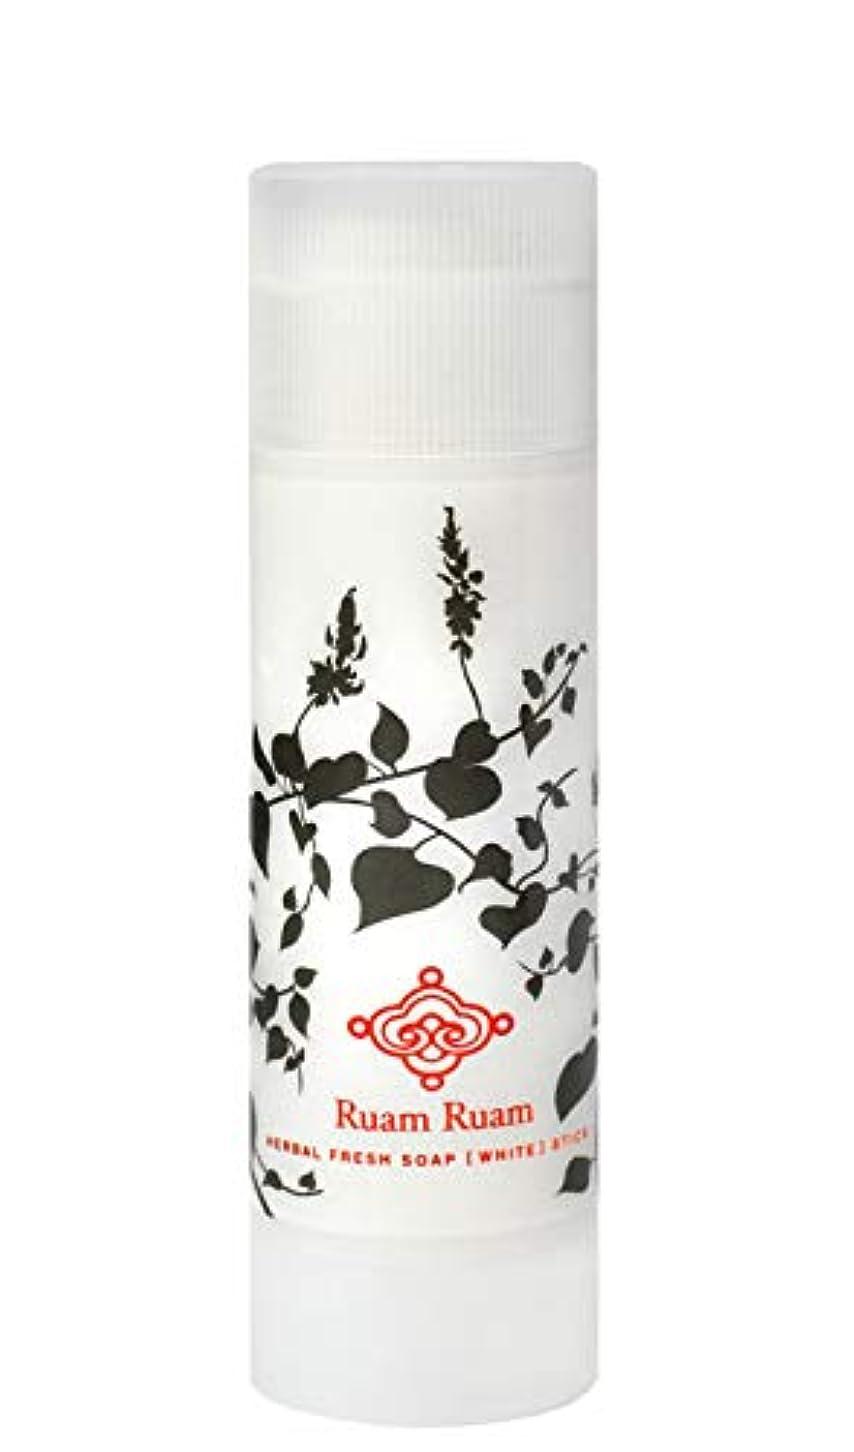 ナイロン予算ジョージエリオットルアンルアン(Ruam Ruam) 洗顔石鹸(白) 90g